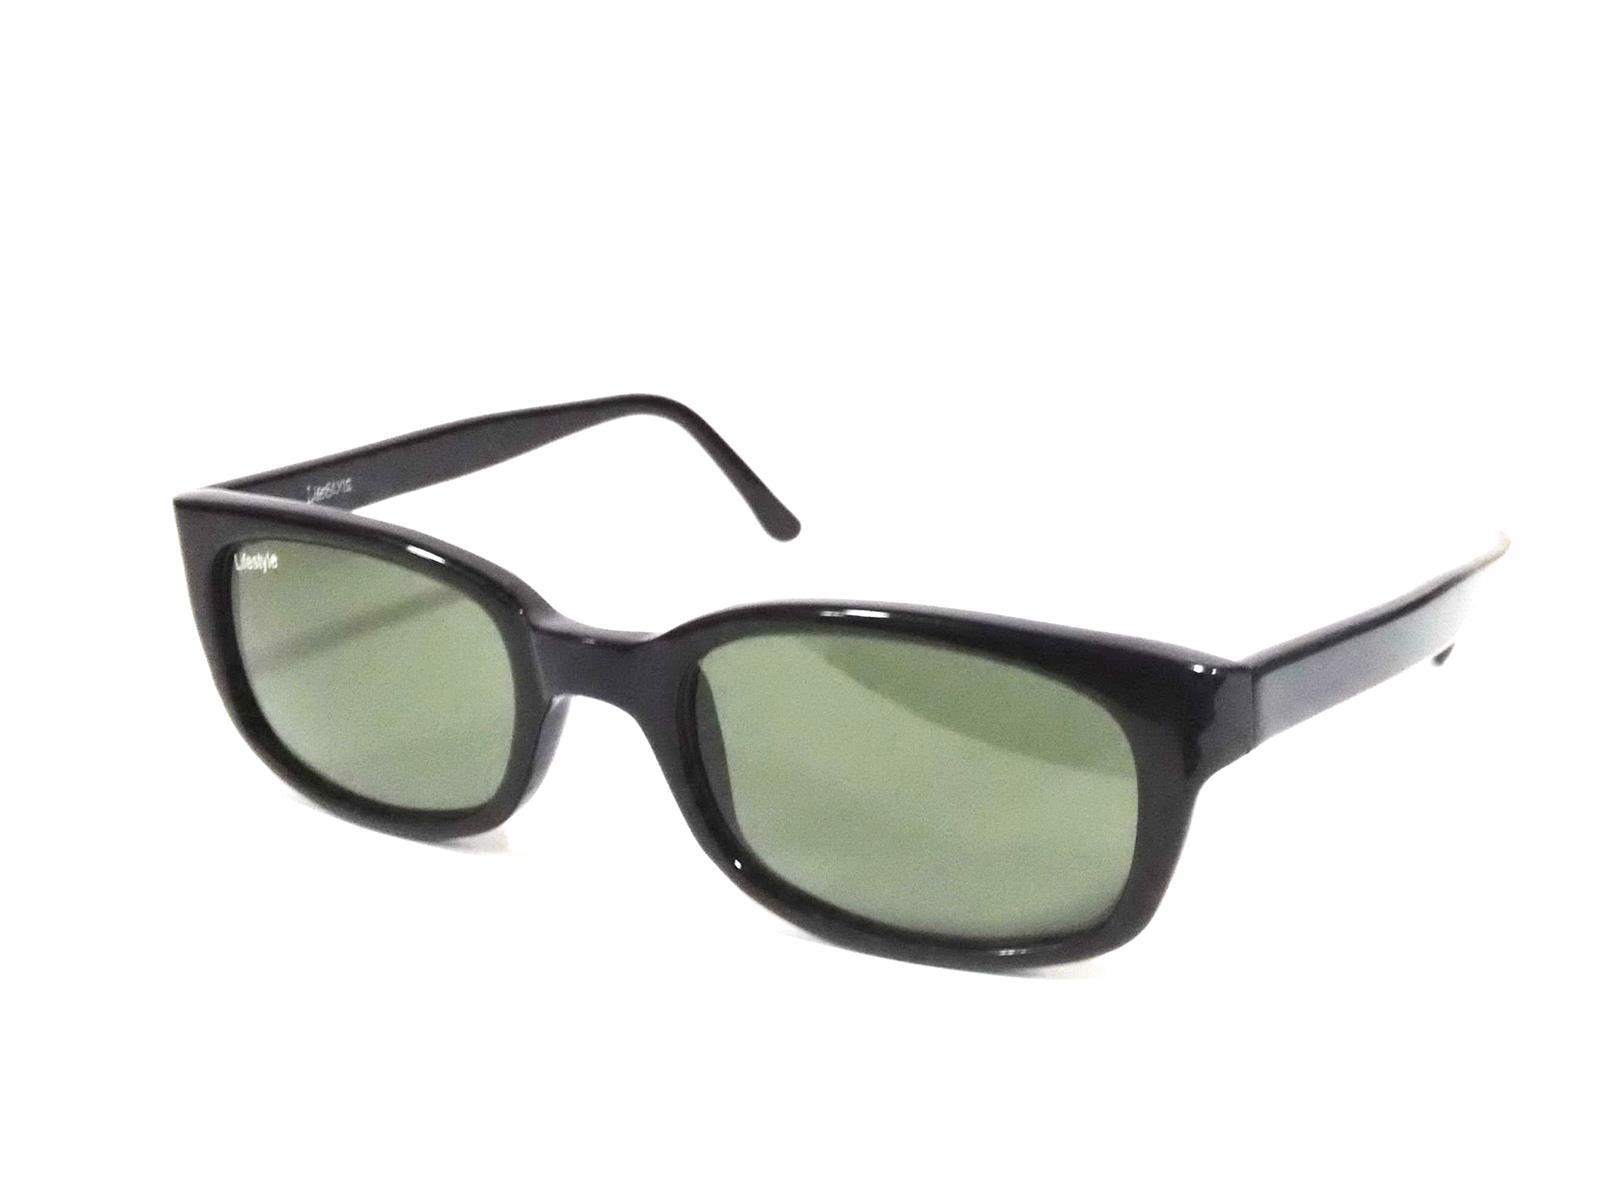 Sigma Black Wayfarer Sunglasses with Glass Lens